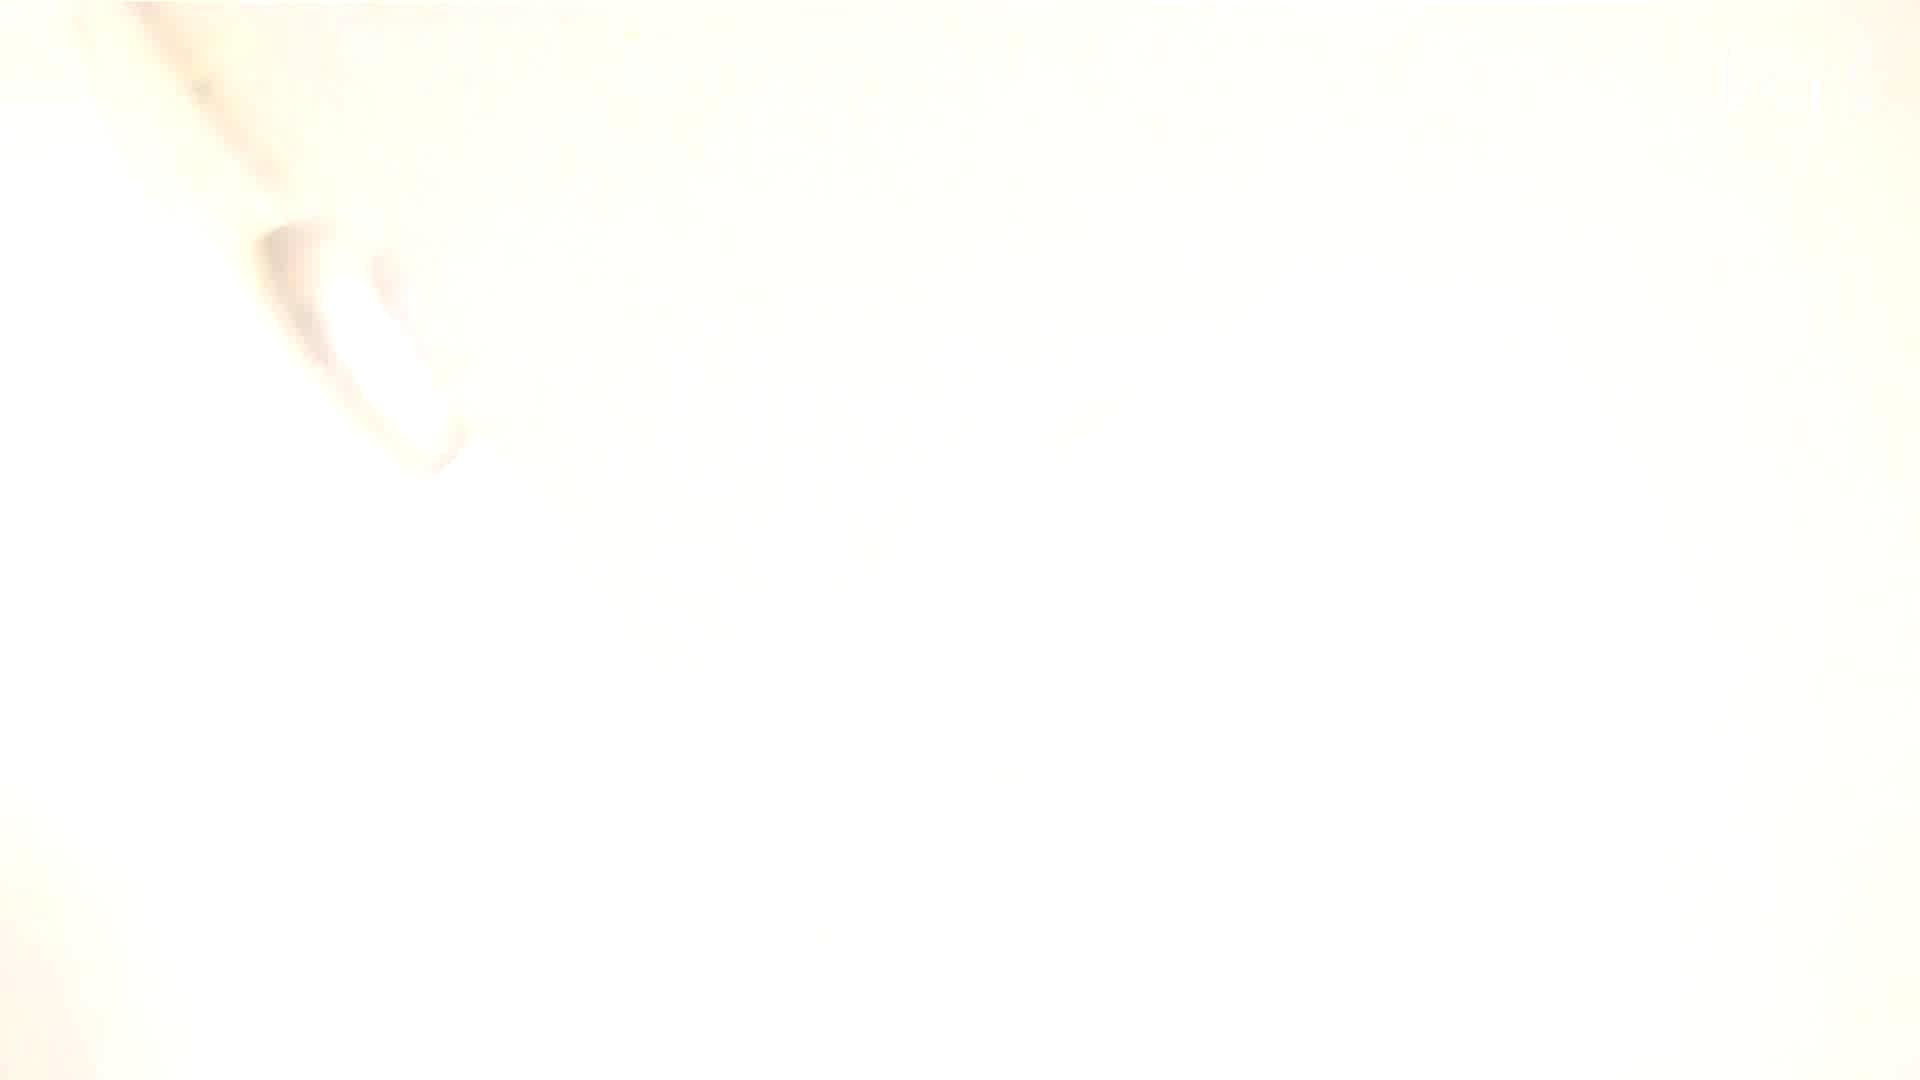 ナースのお小水 vol.003 ナースのエロ生活 | ギャルの下半身  101連発 46